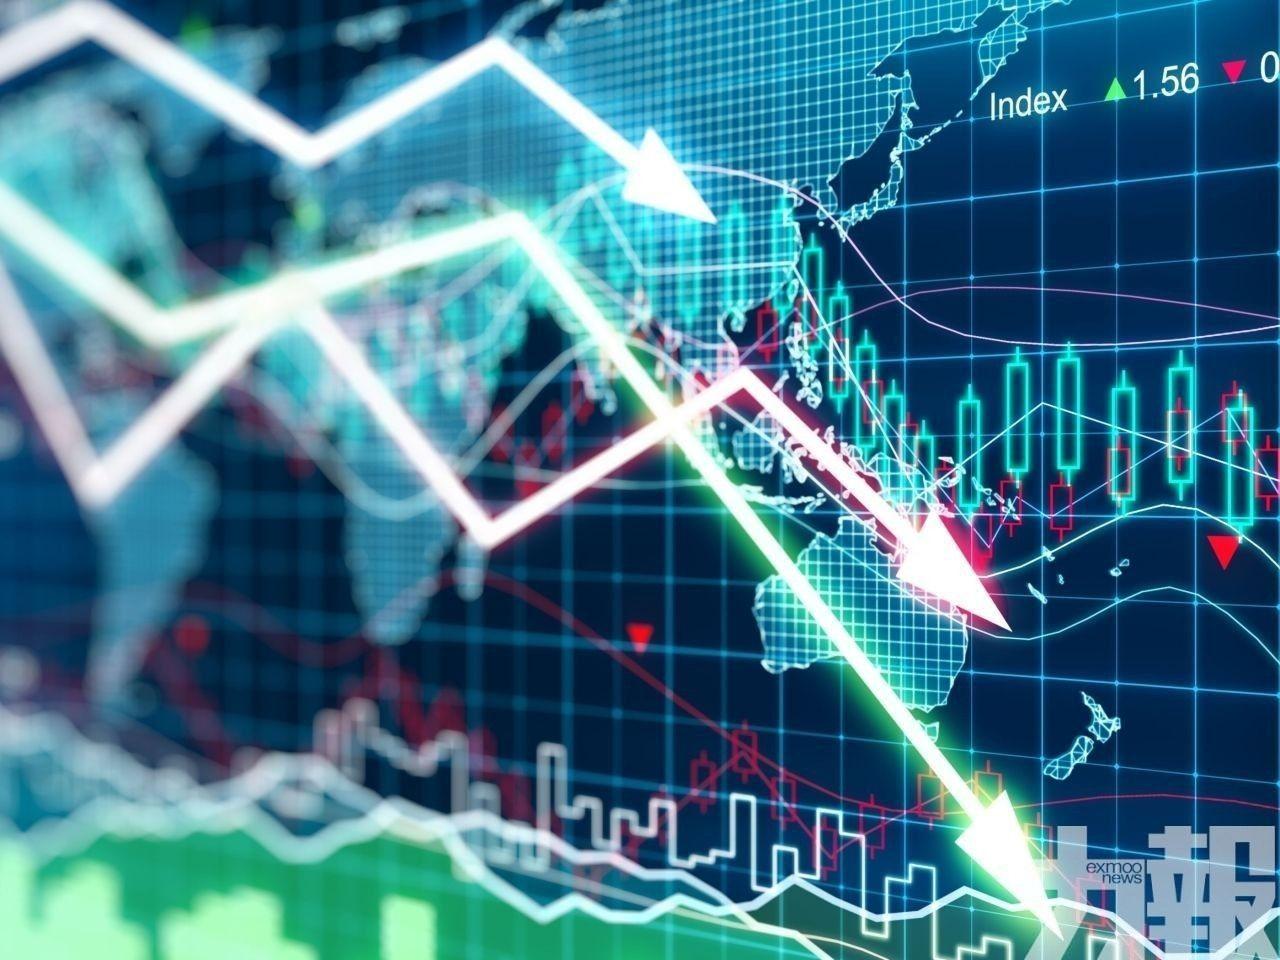 科網股、教育及物管股成重災區